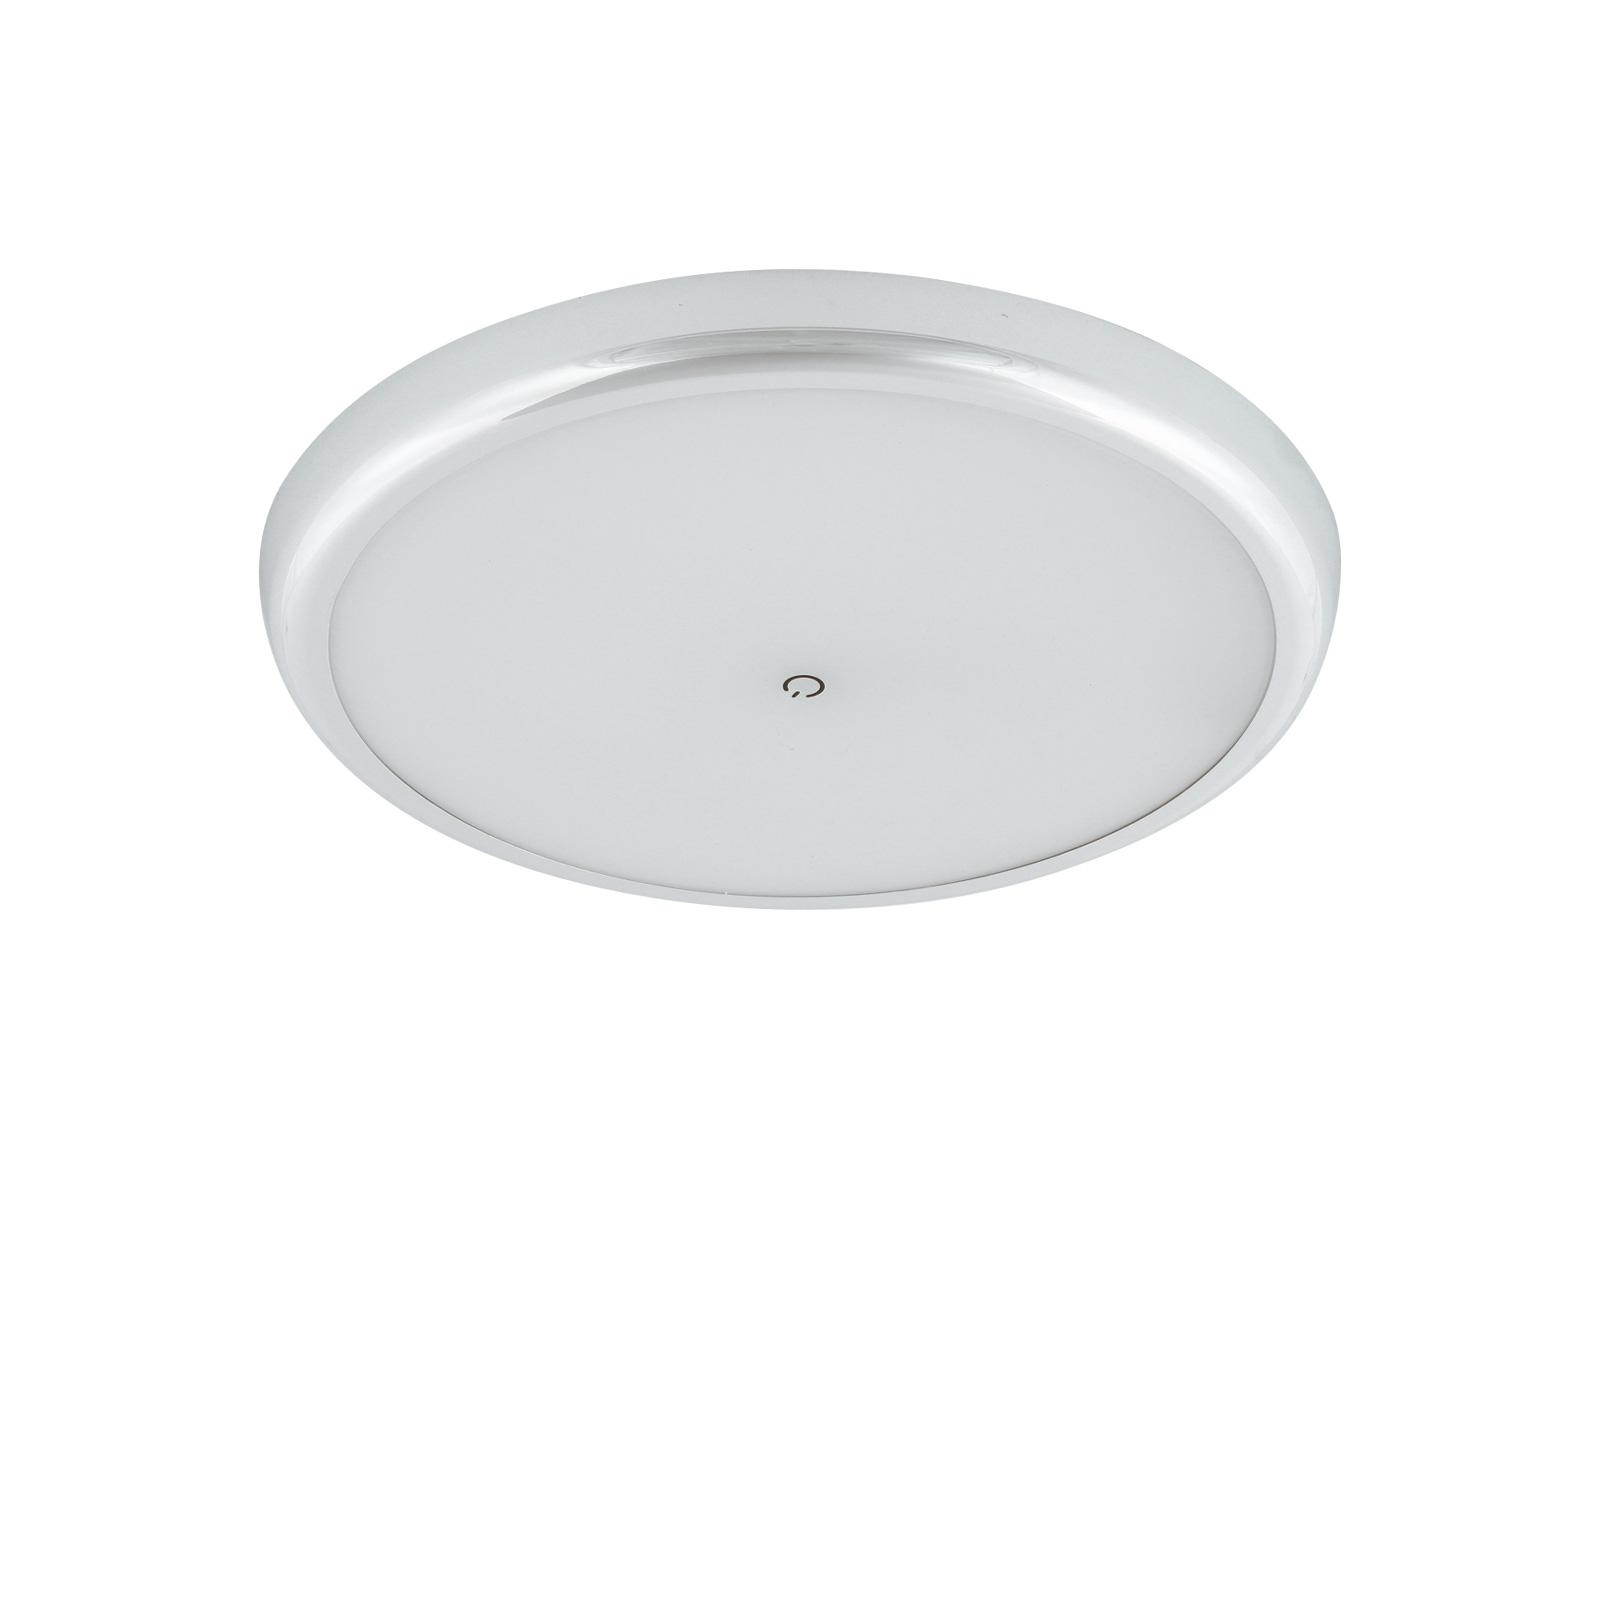 12 Volt LED Deckenleuchte   Touch Bedienung   3 Modi   500lm   Ø 178mm   4000K